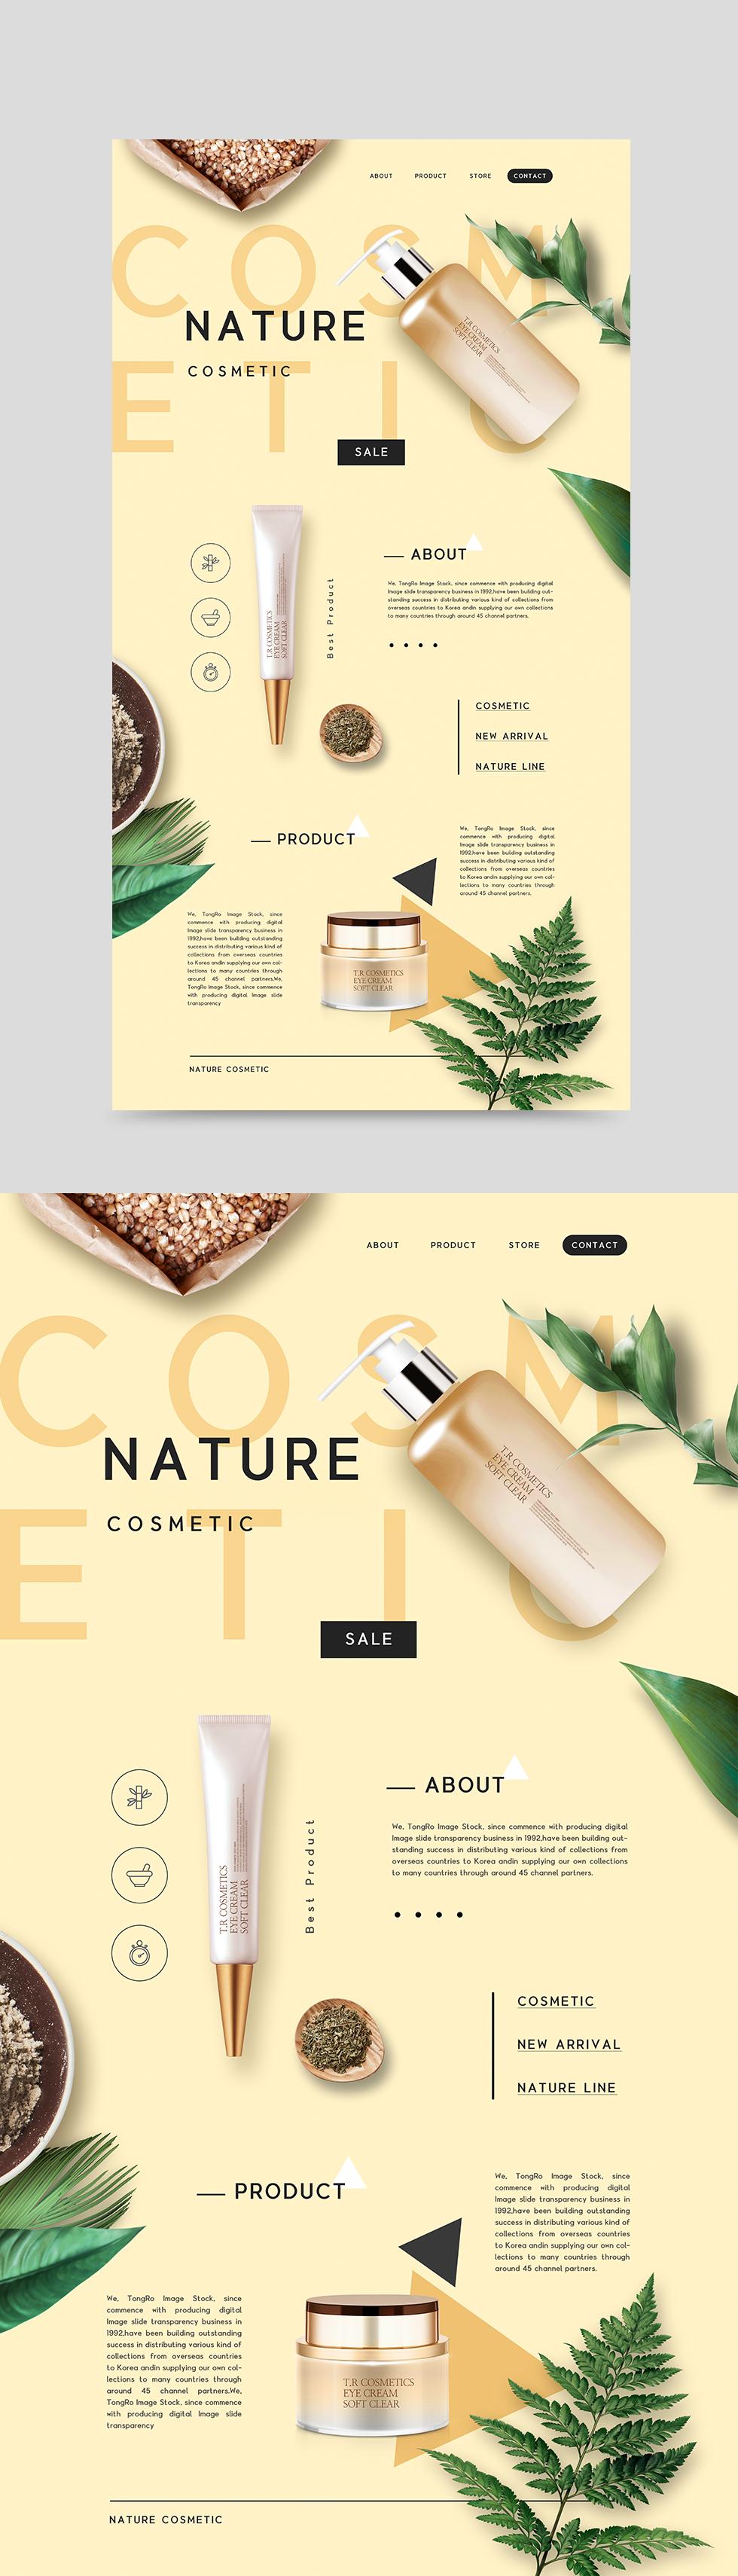 简约高端护肤品化妆品网页WEB页面设计psd